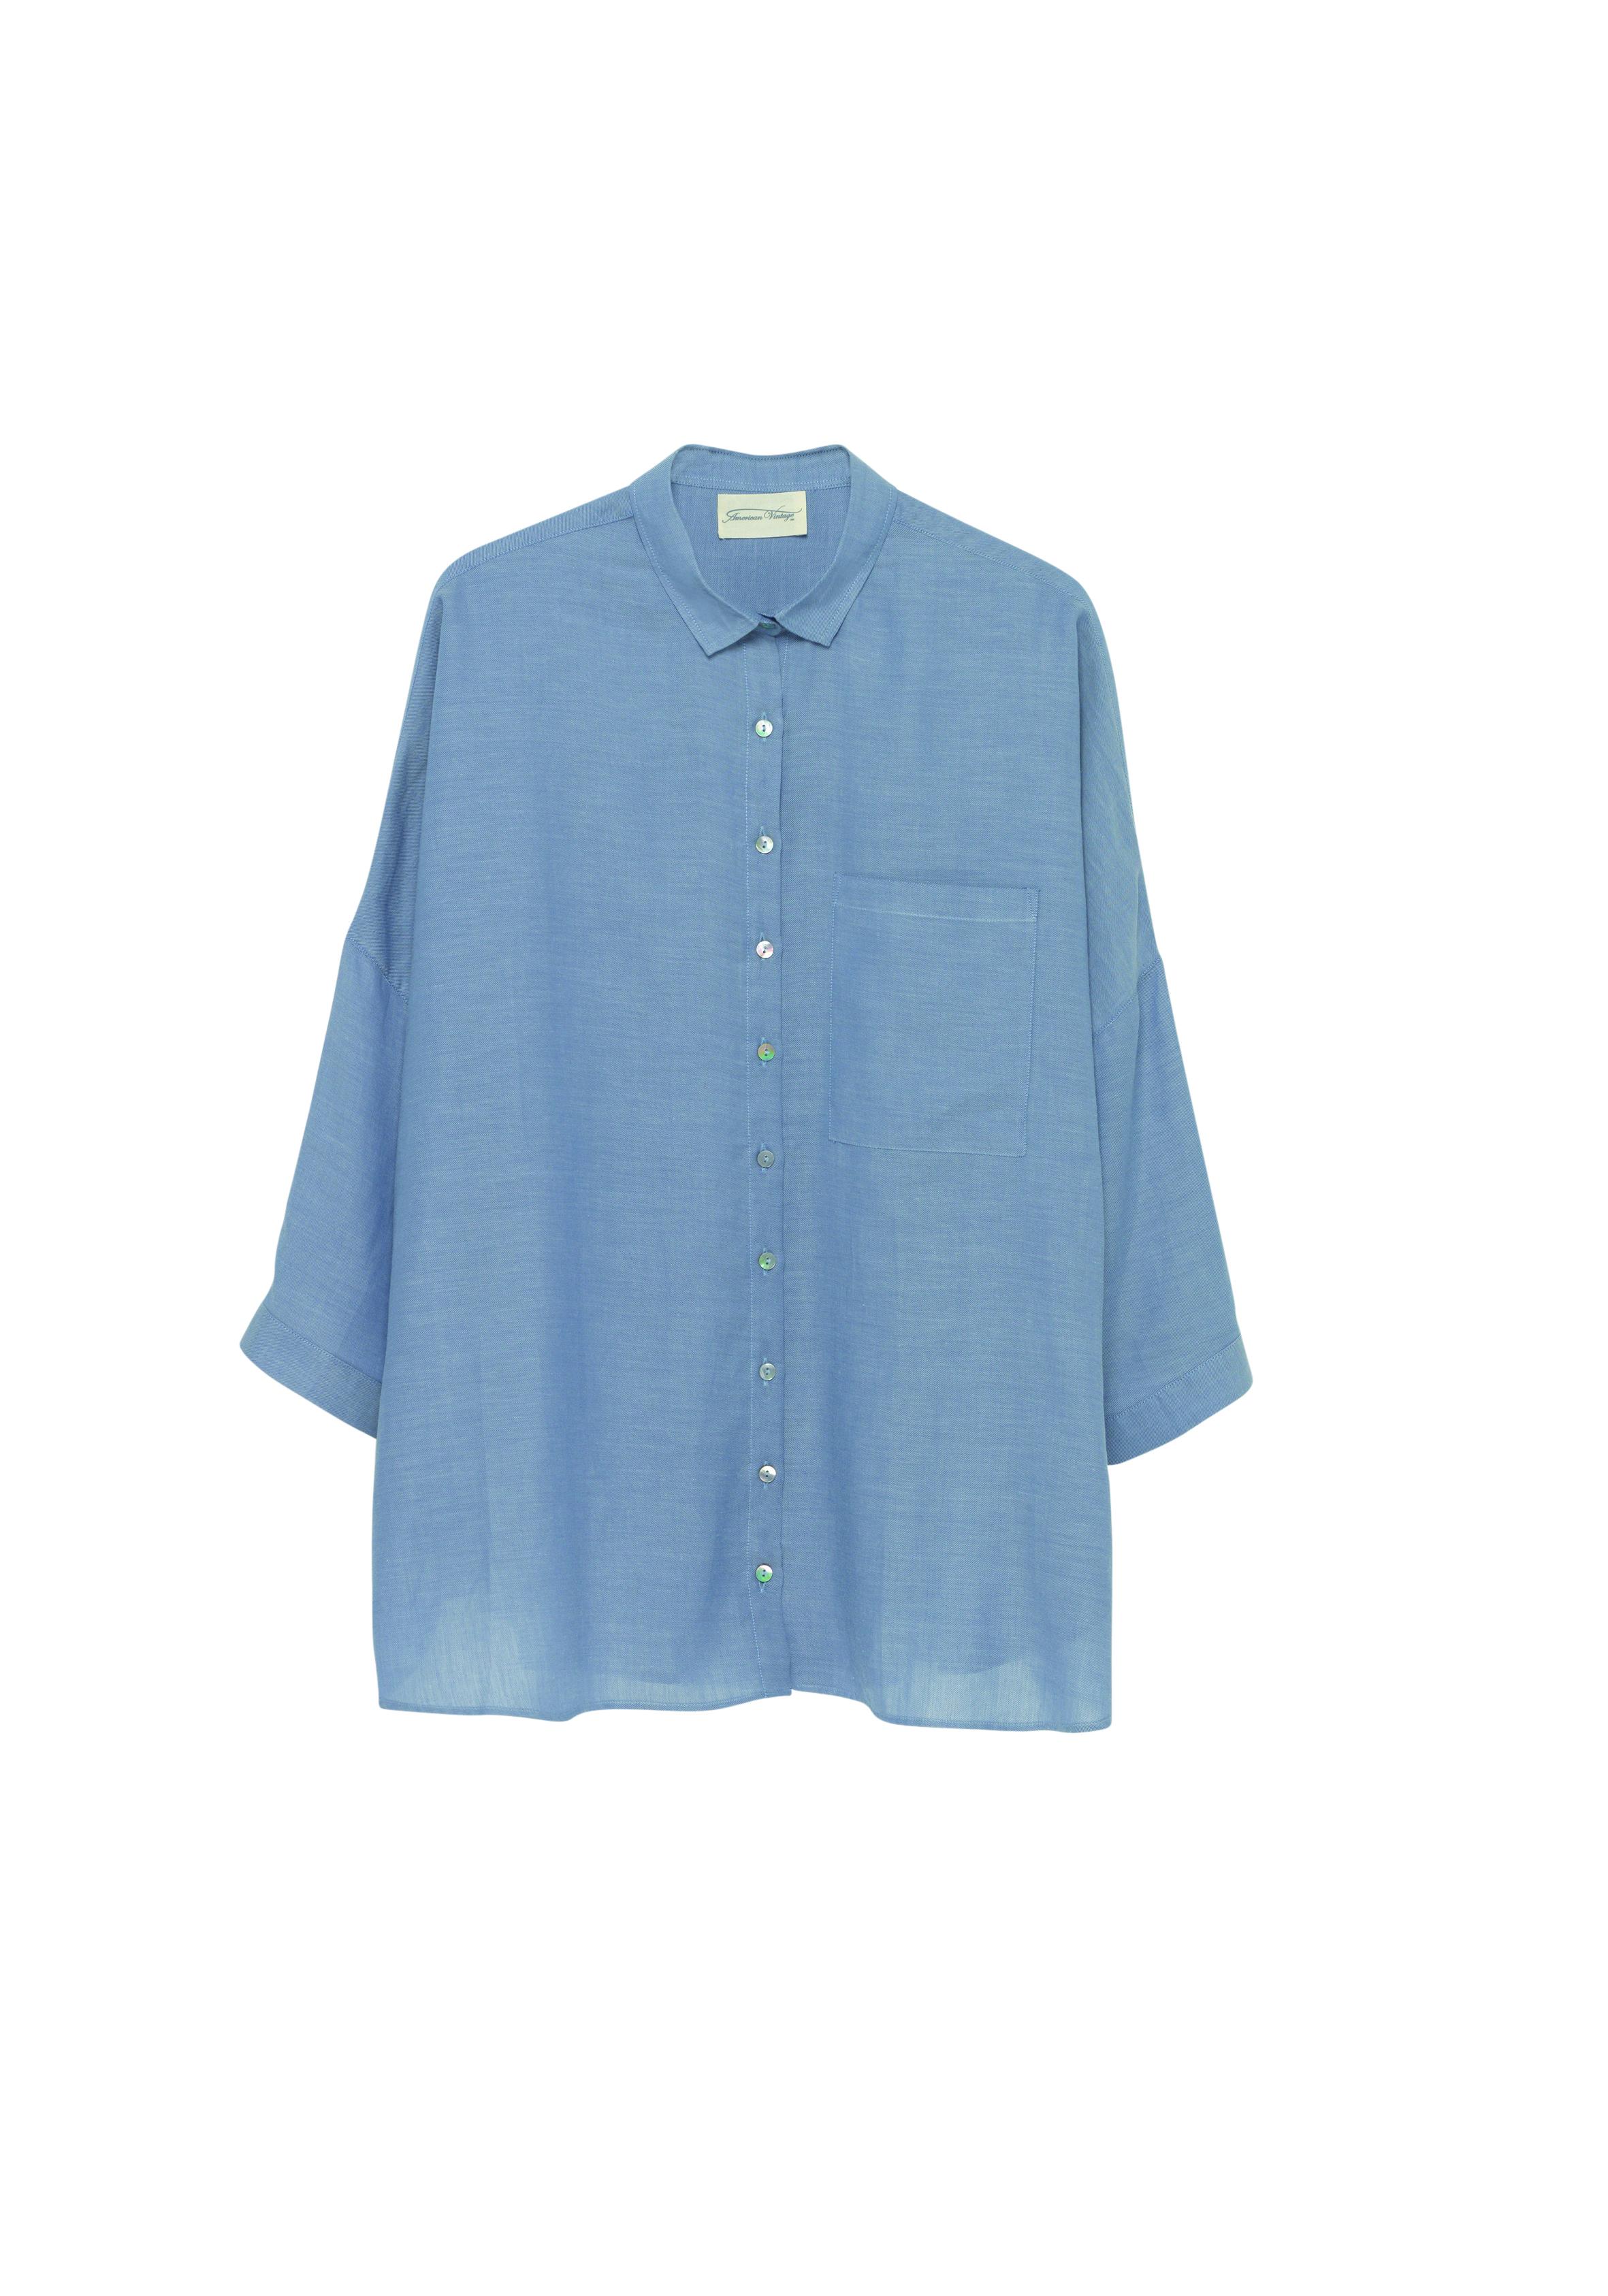 Billede af American Vintage Skjorte, TICO204 blue